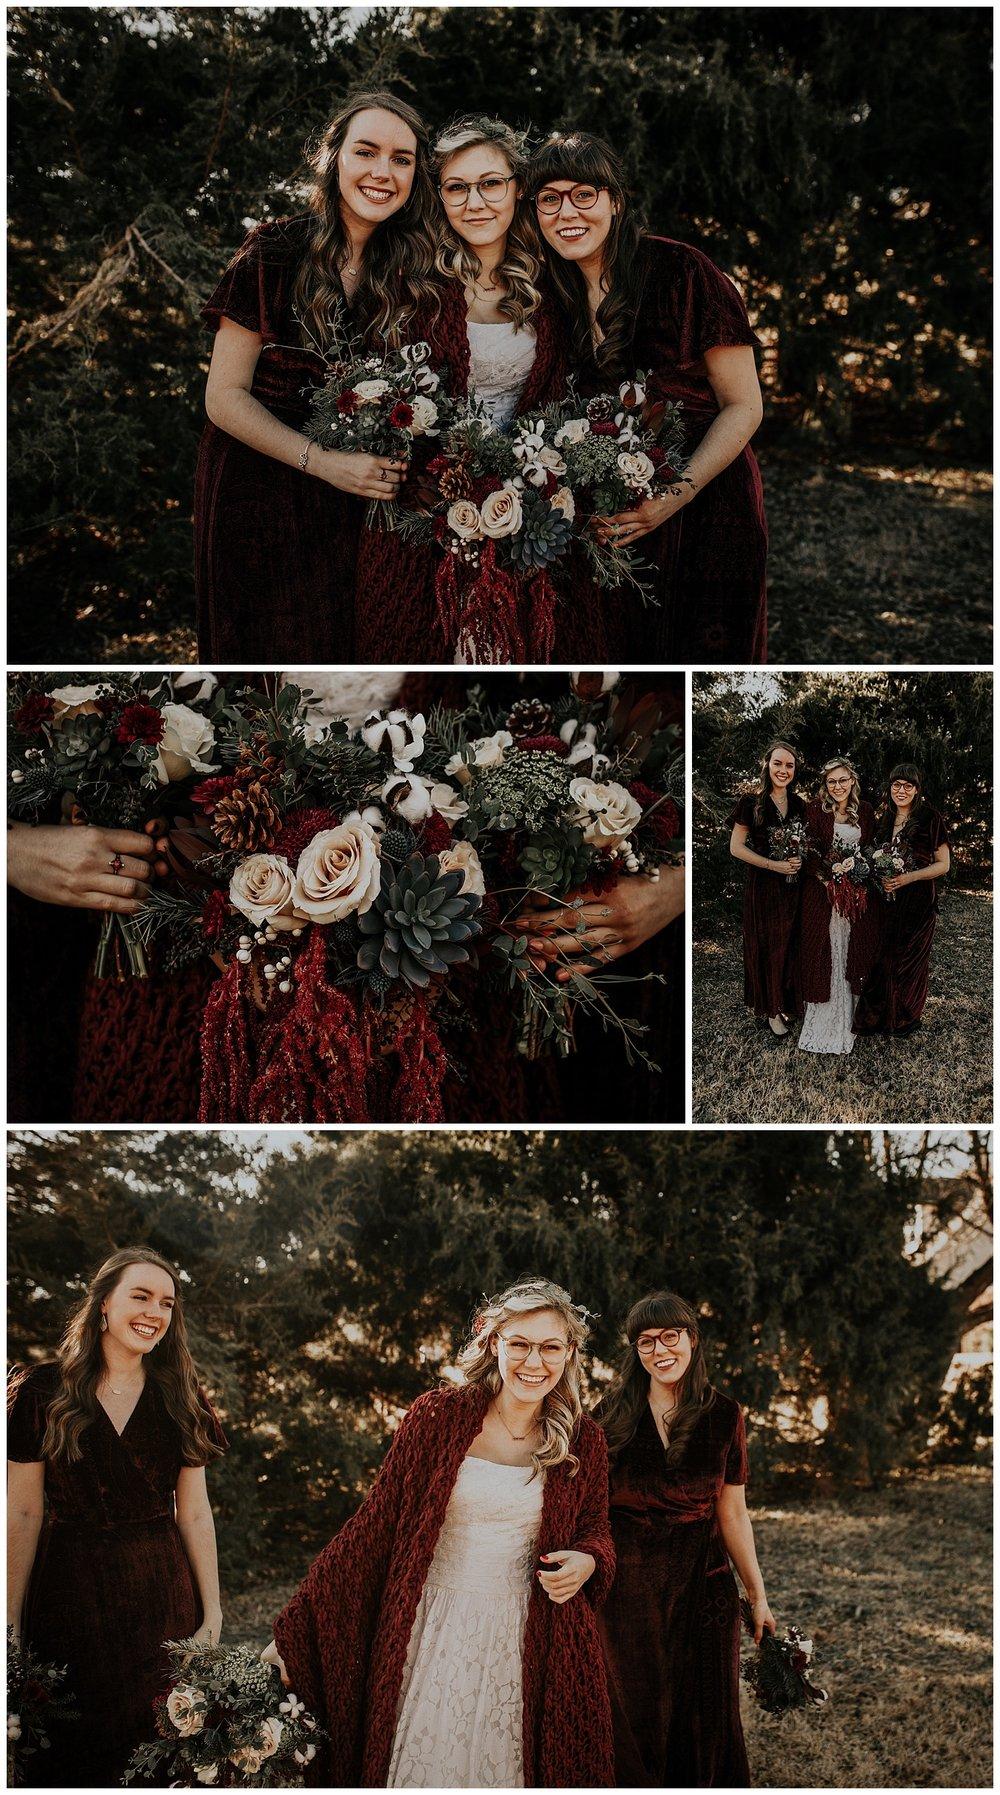 Laken-Mackenzie-Photography-Brownlee-Wedding-Dallas-Fort-Worth-Wedding-Photographer14.jpg